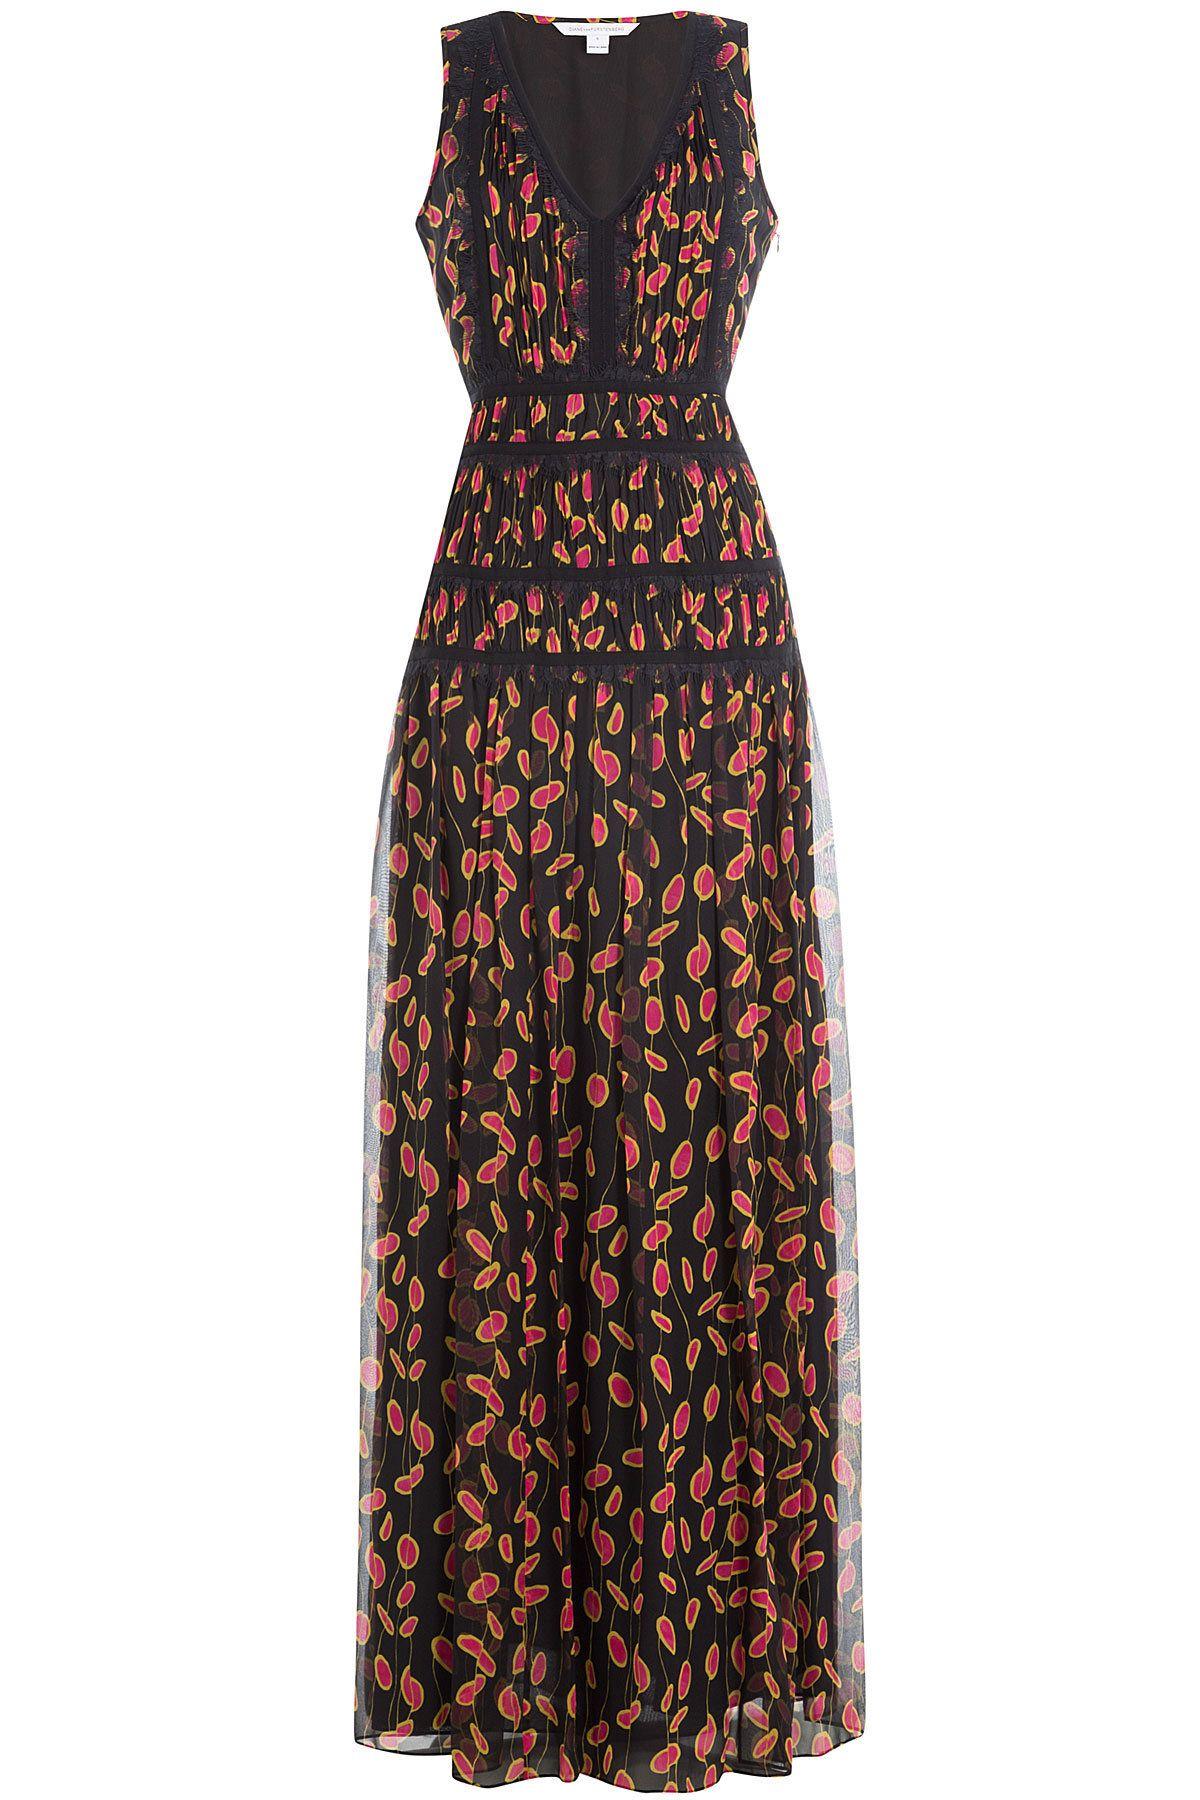 Diane von Furstenberg  Printed Silk Dress with Lace  Womenus